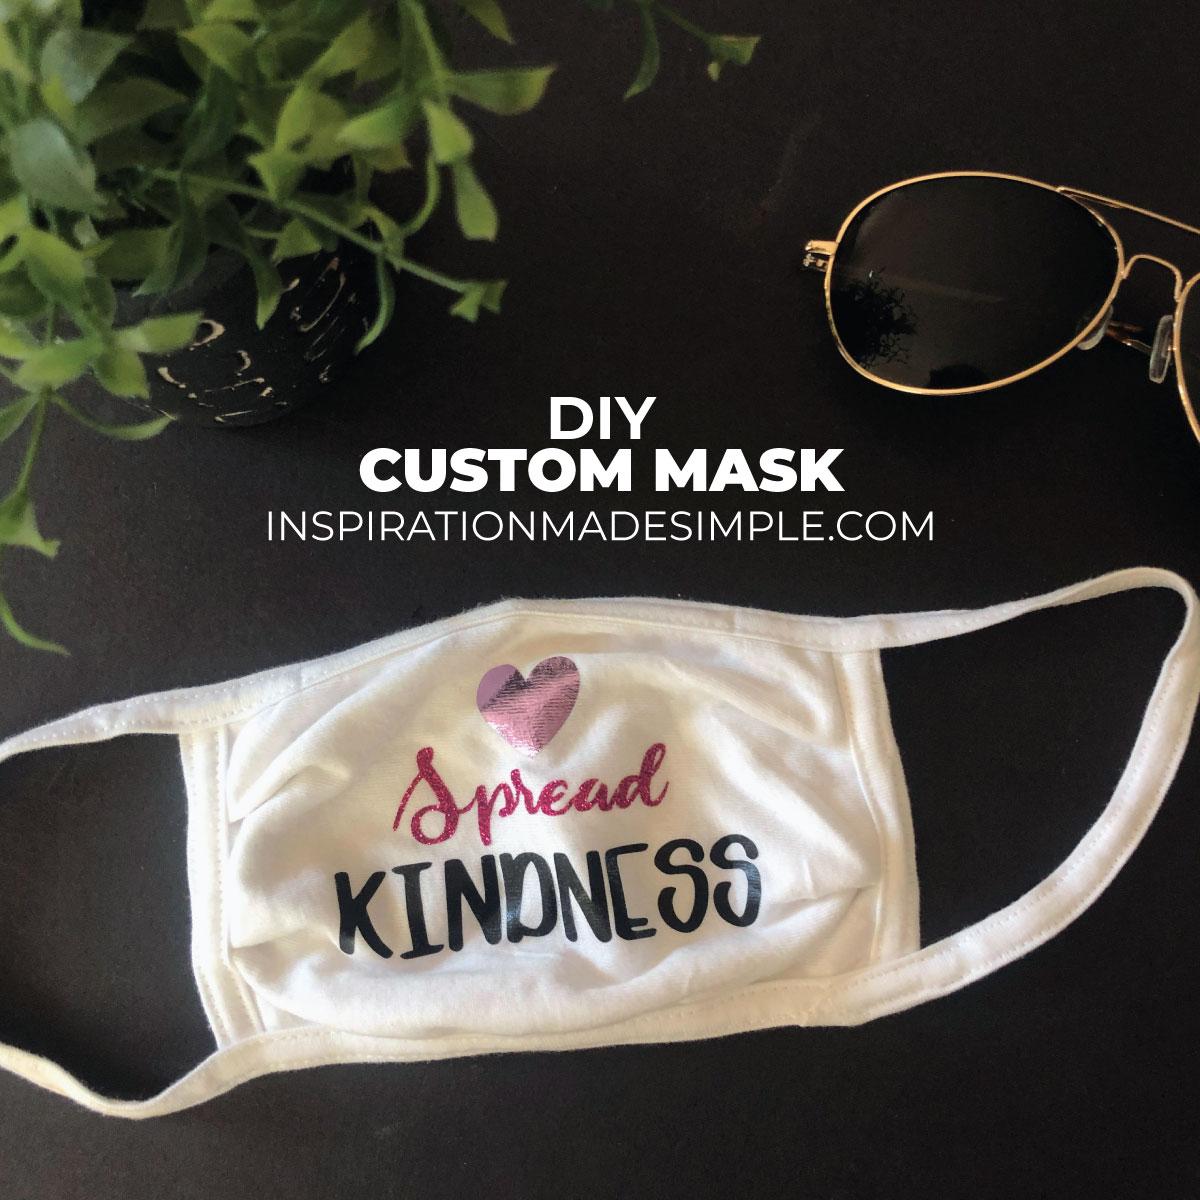 DIY Custom Face Mask with Cricut